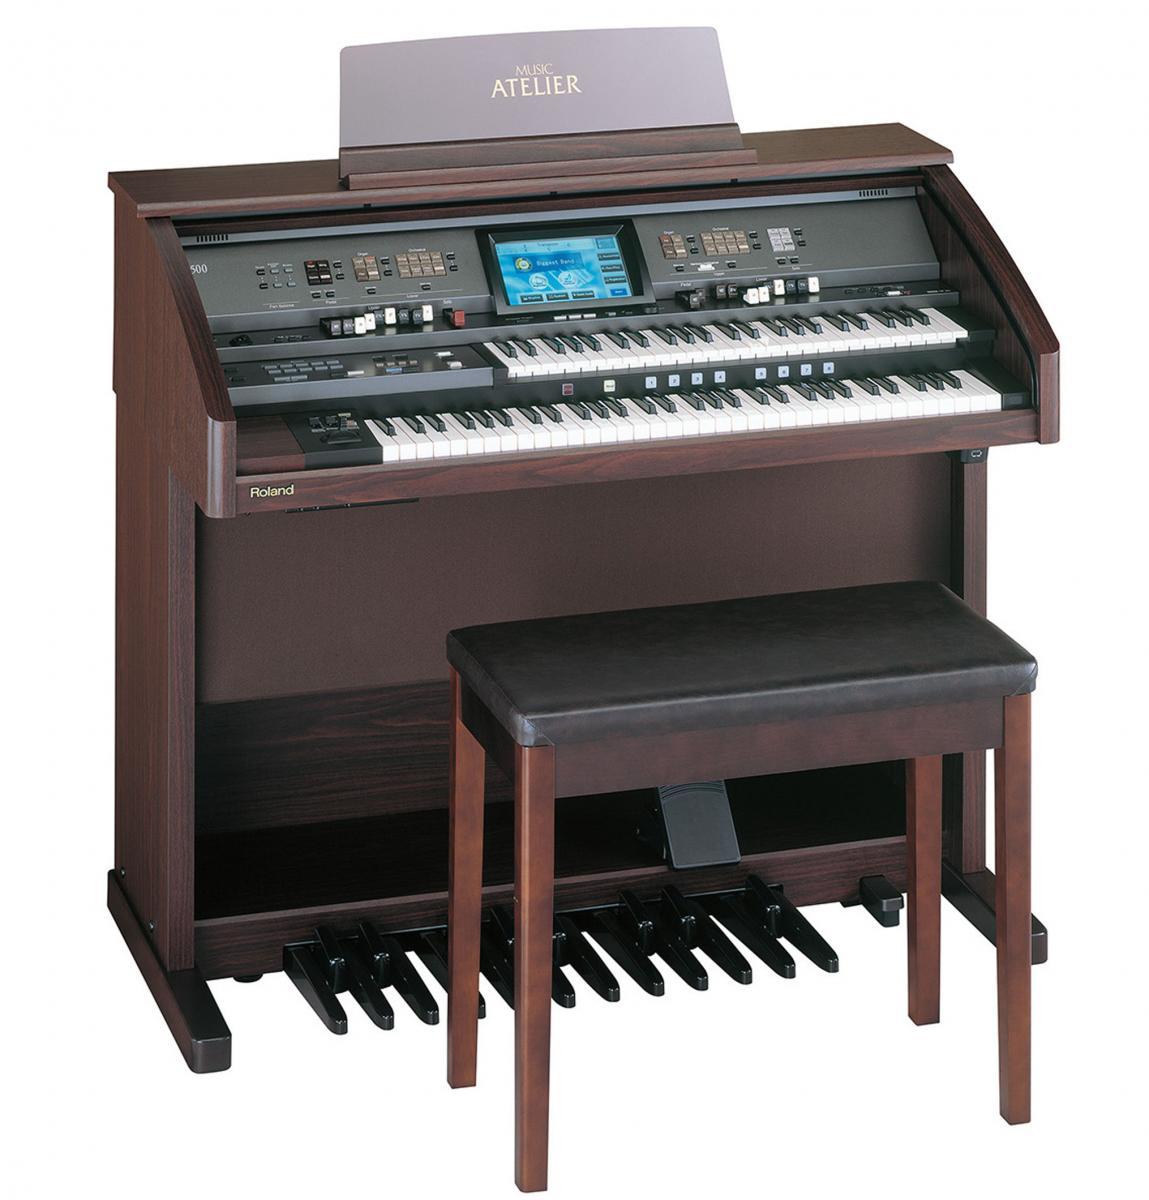 bán đàn organ 2 tầng Roland AT-500